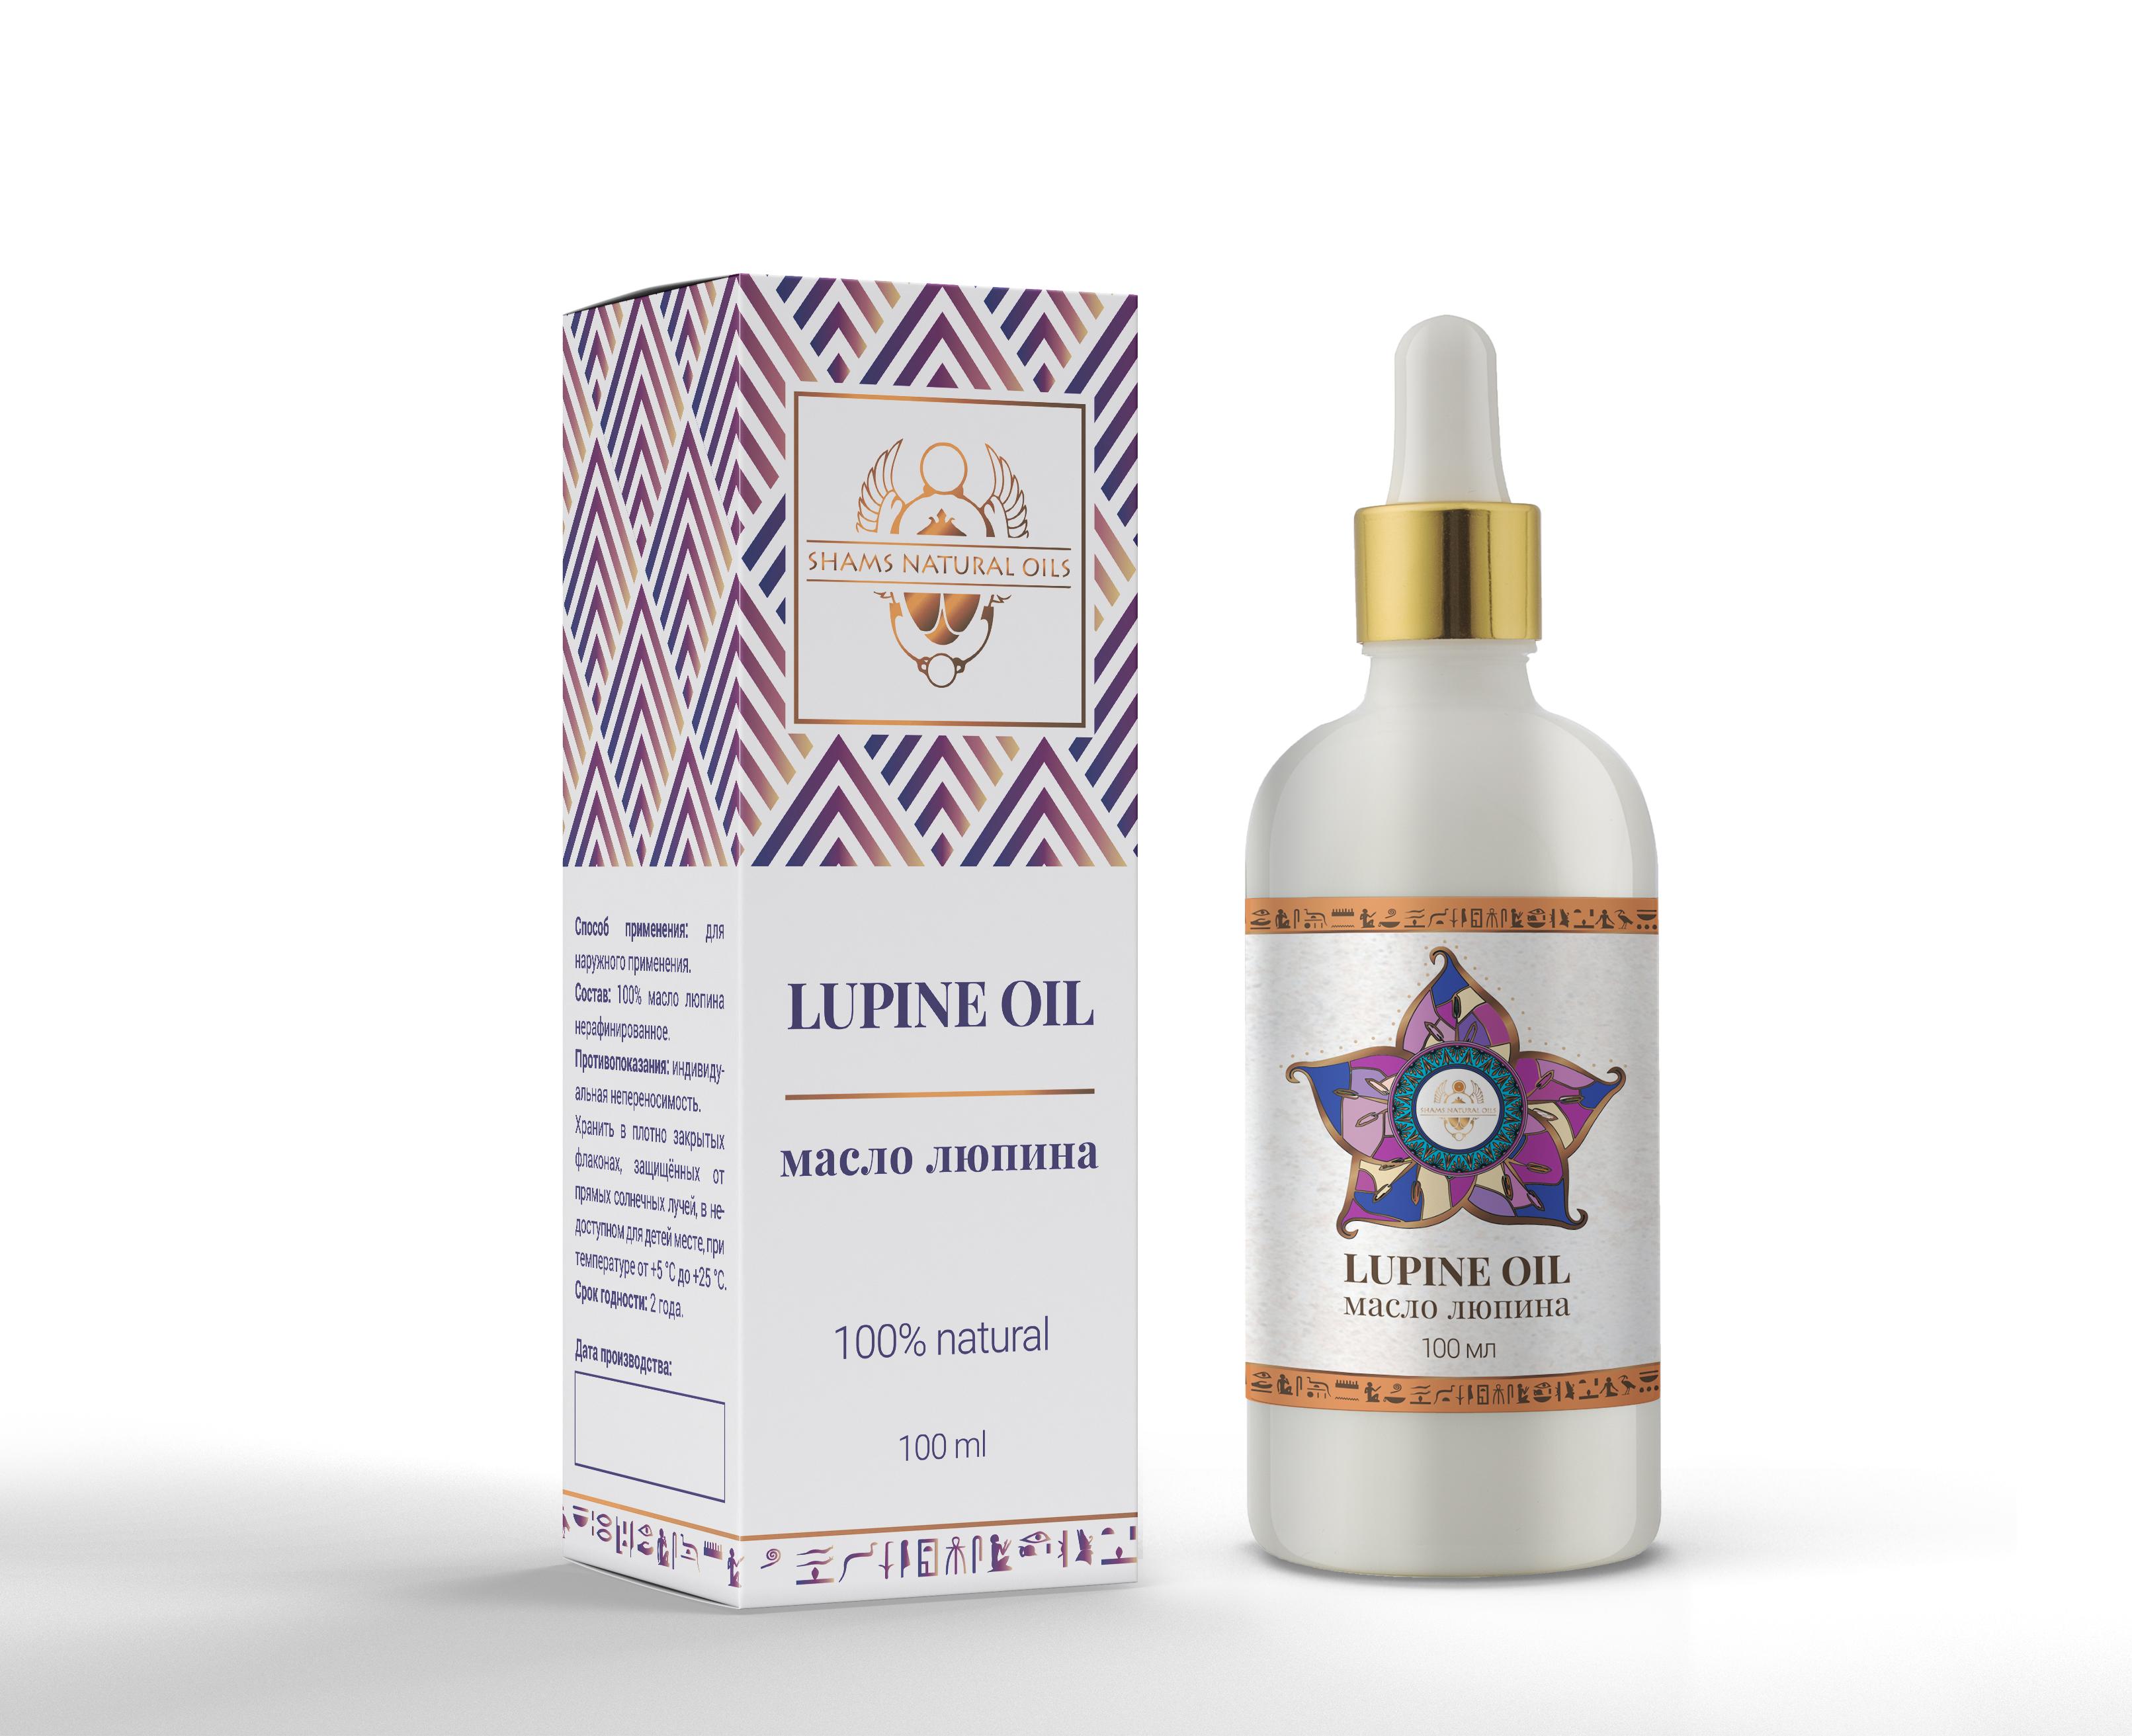 Косметическое масло семян люпина, 100% натуральное (для матирования кожи, осветления, удаления пигментации)